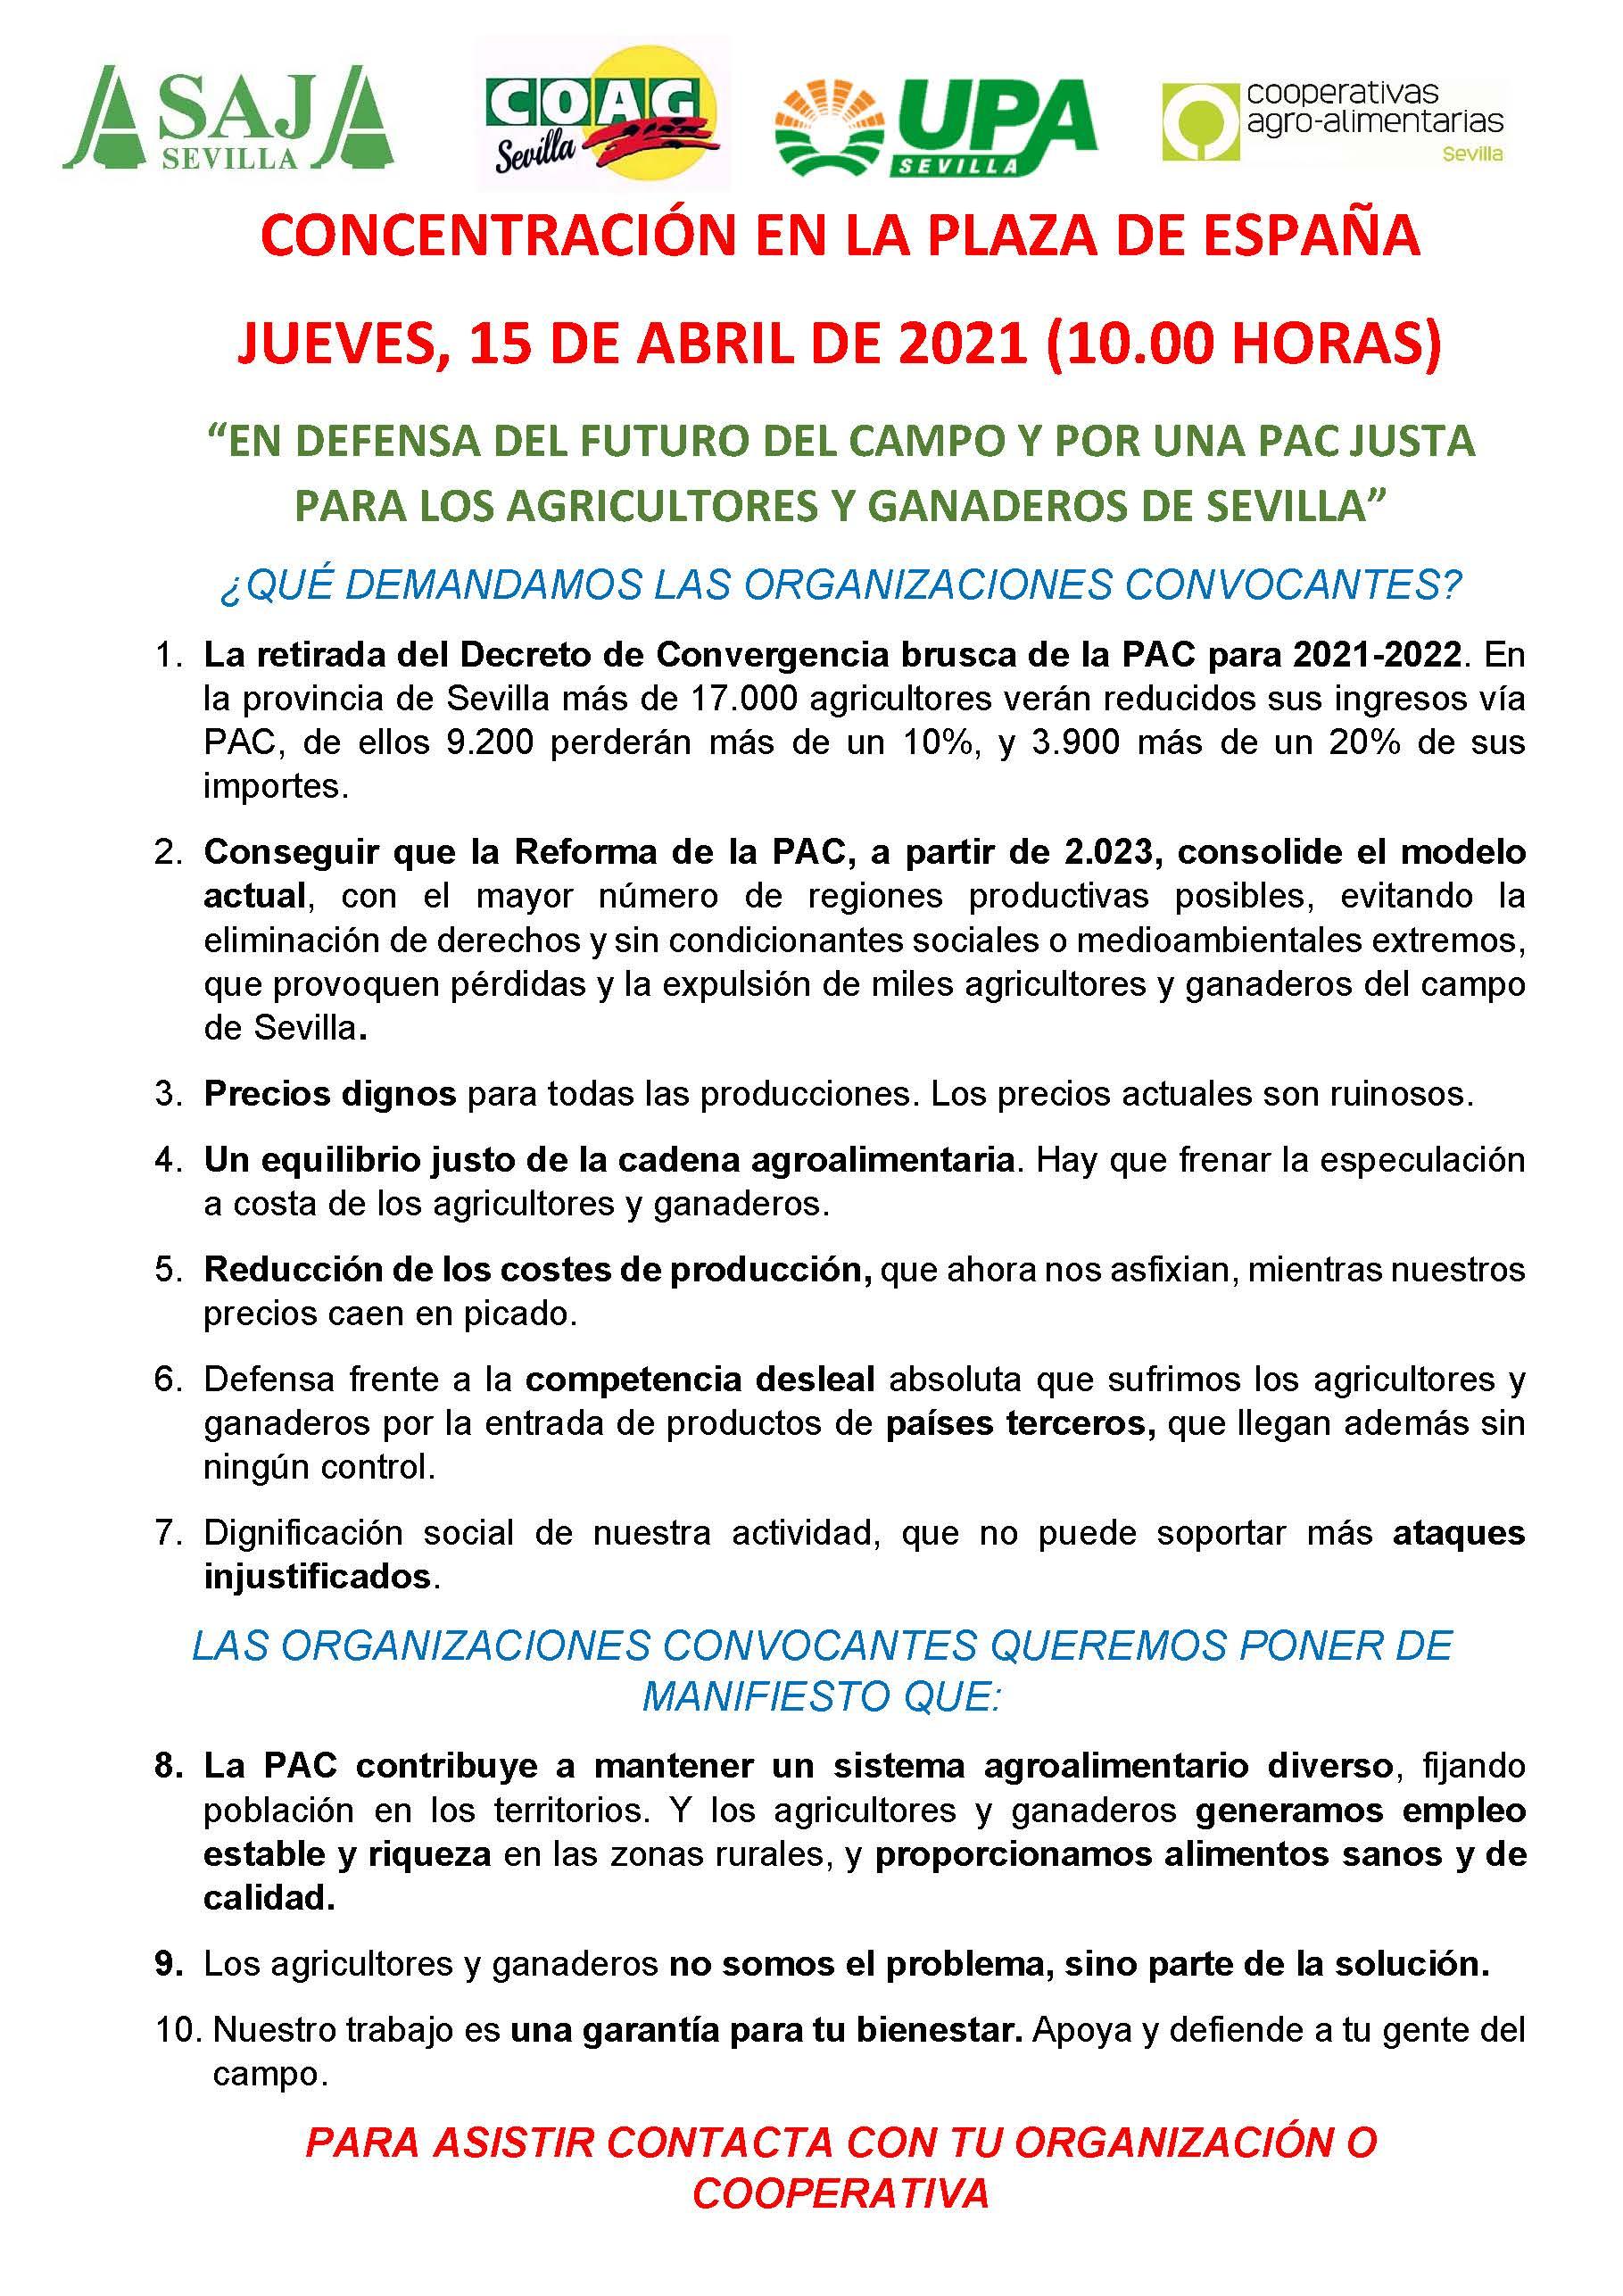 Diario de Sevilla: Tractorada este jueves en Sevilla contra la PAC: del Villamarín a la Plaza de España